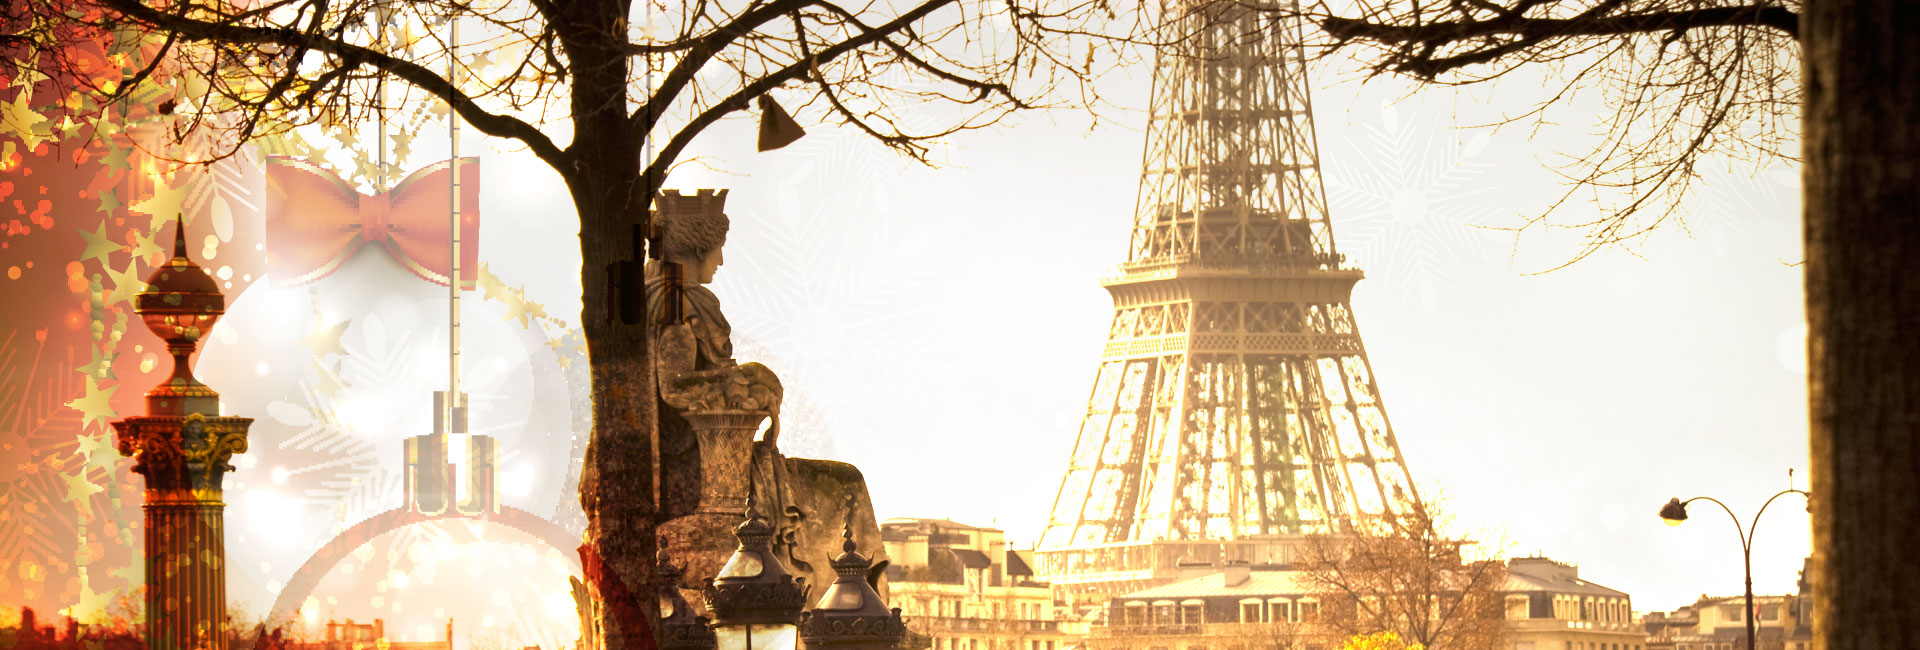 סמינר פריז בחג המולד